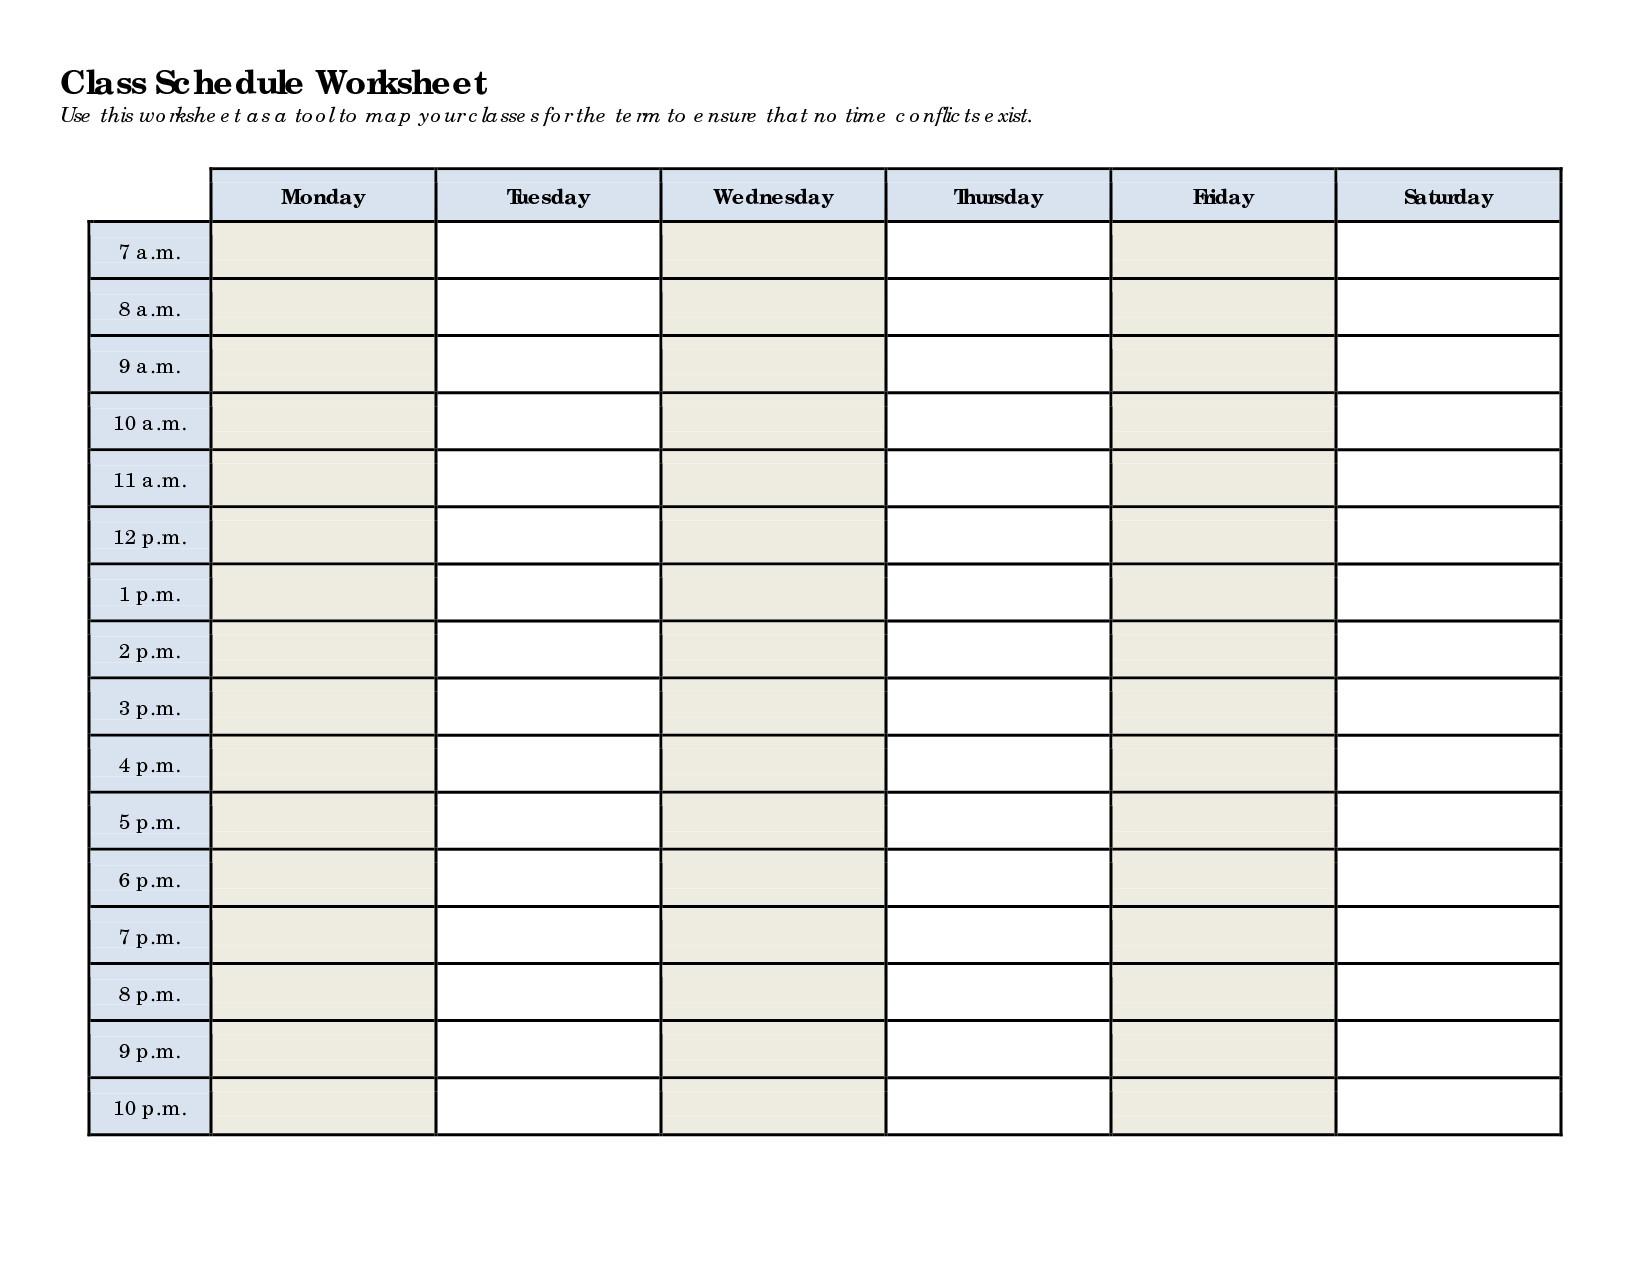 Weekly Class Schedule Template Schedule Worksheet Templates Homeschool